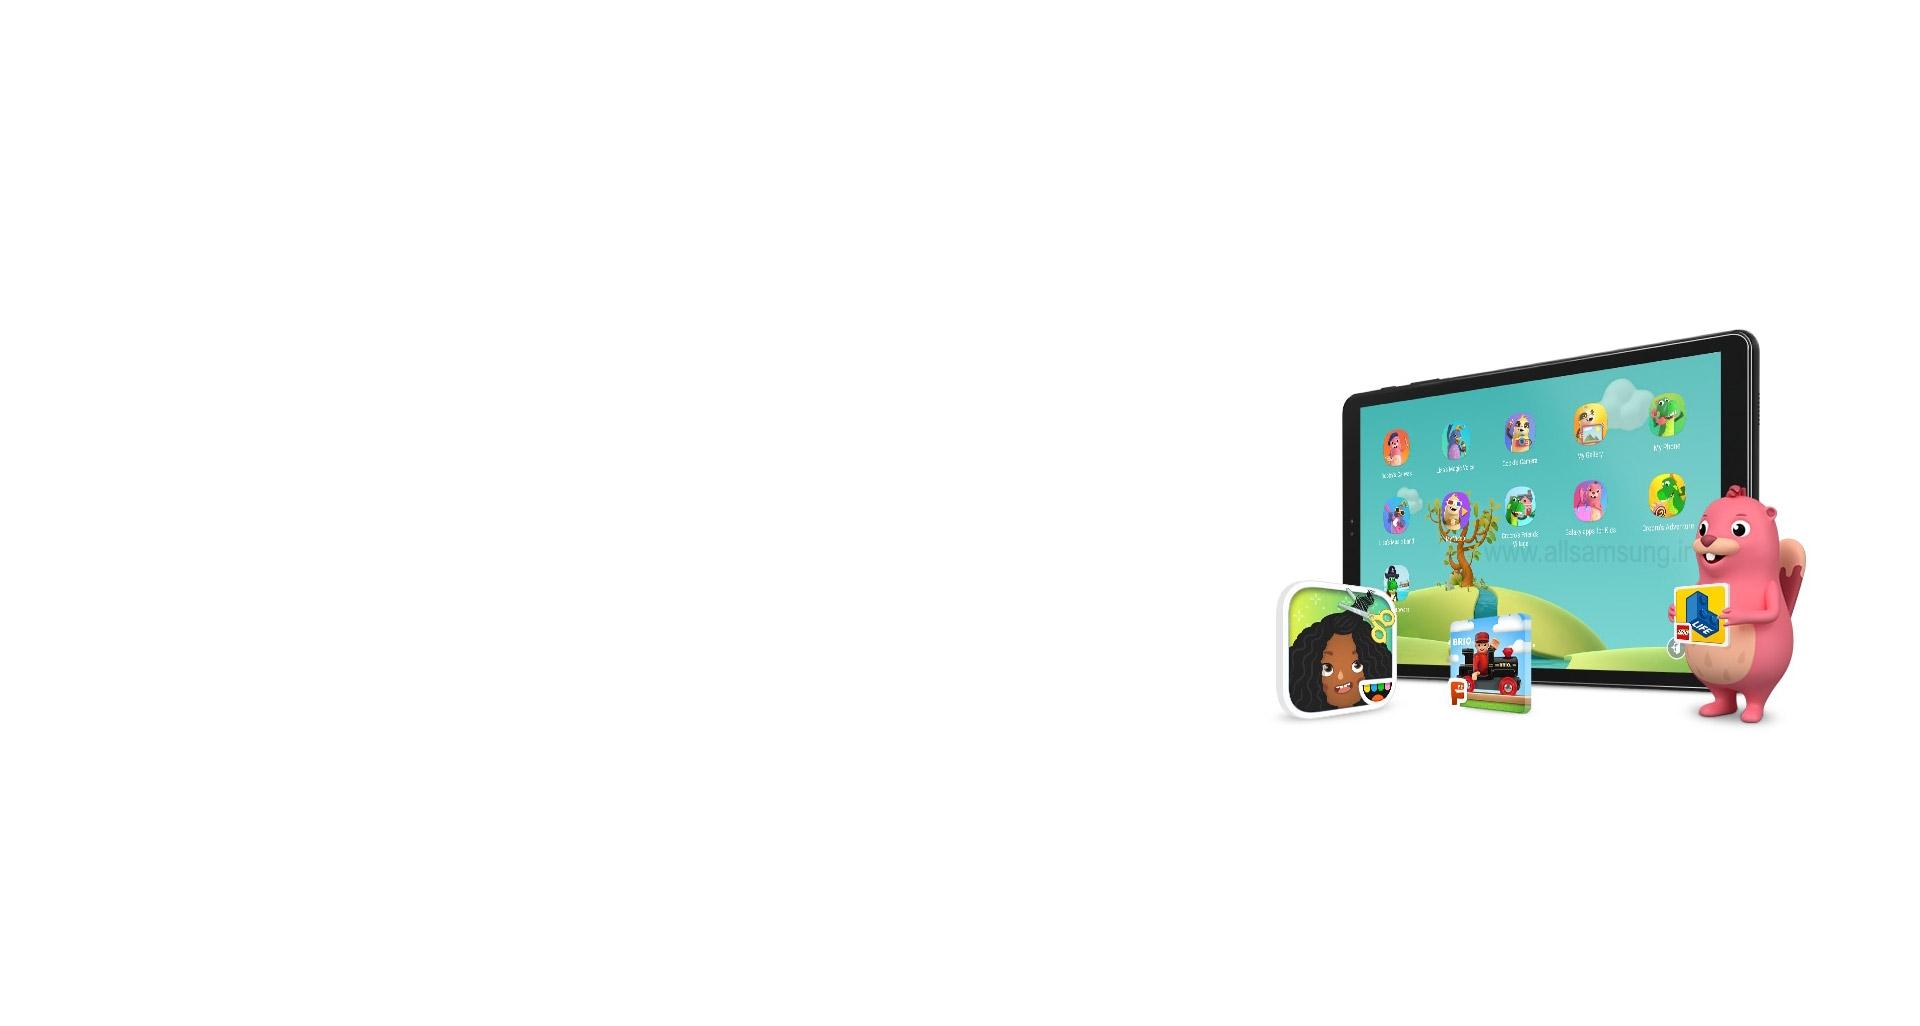 تب A سامسونگ، تبلتی آموزشی و سرگرم کننده برای بچه ها